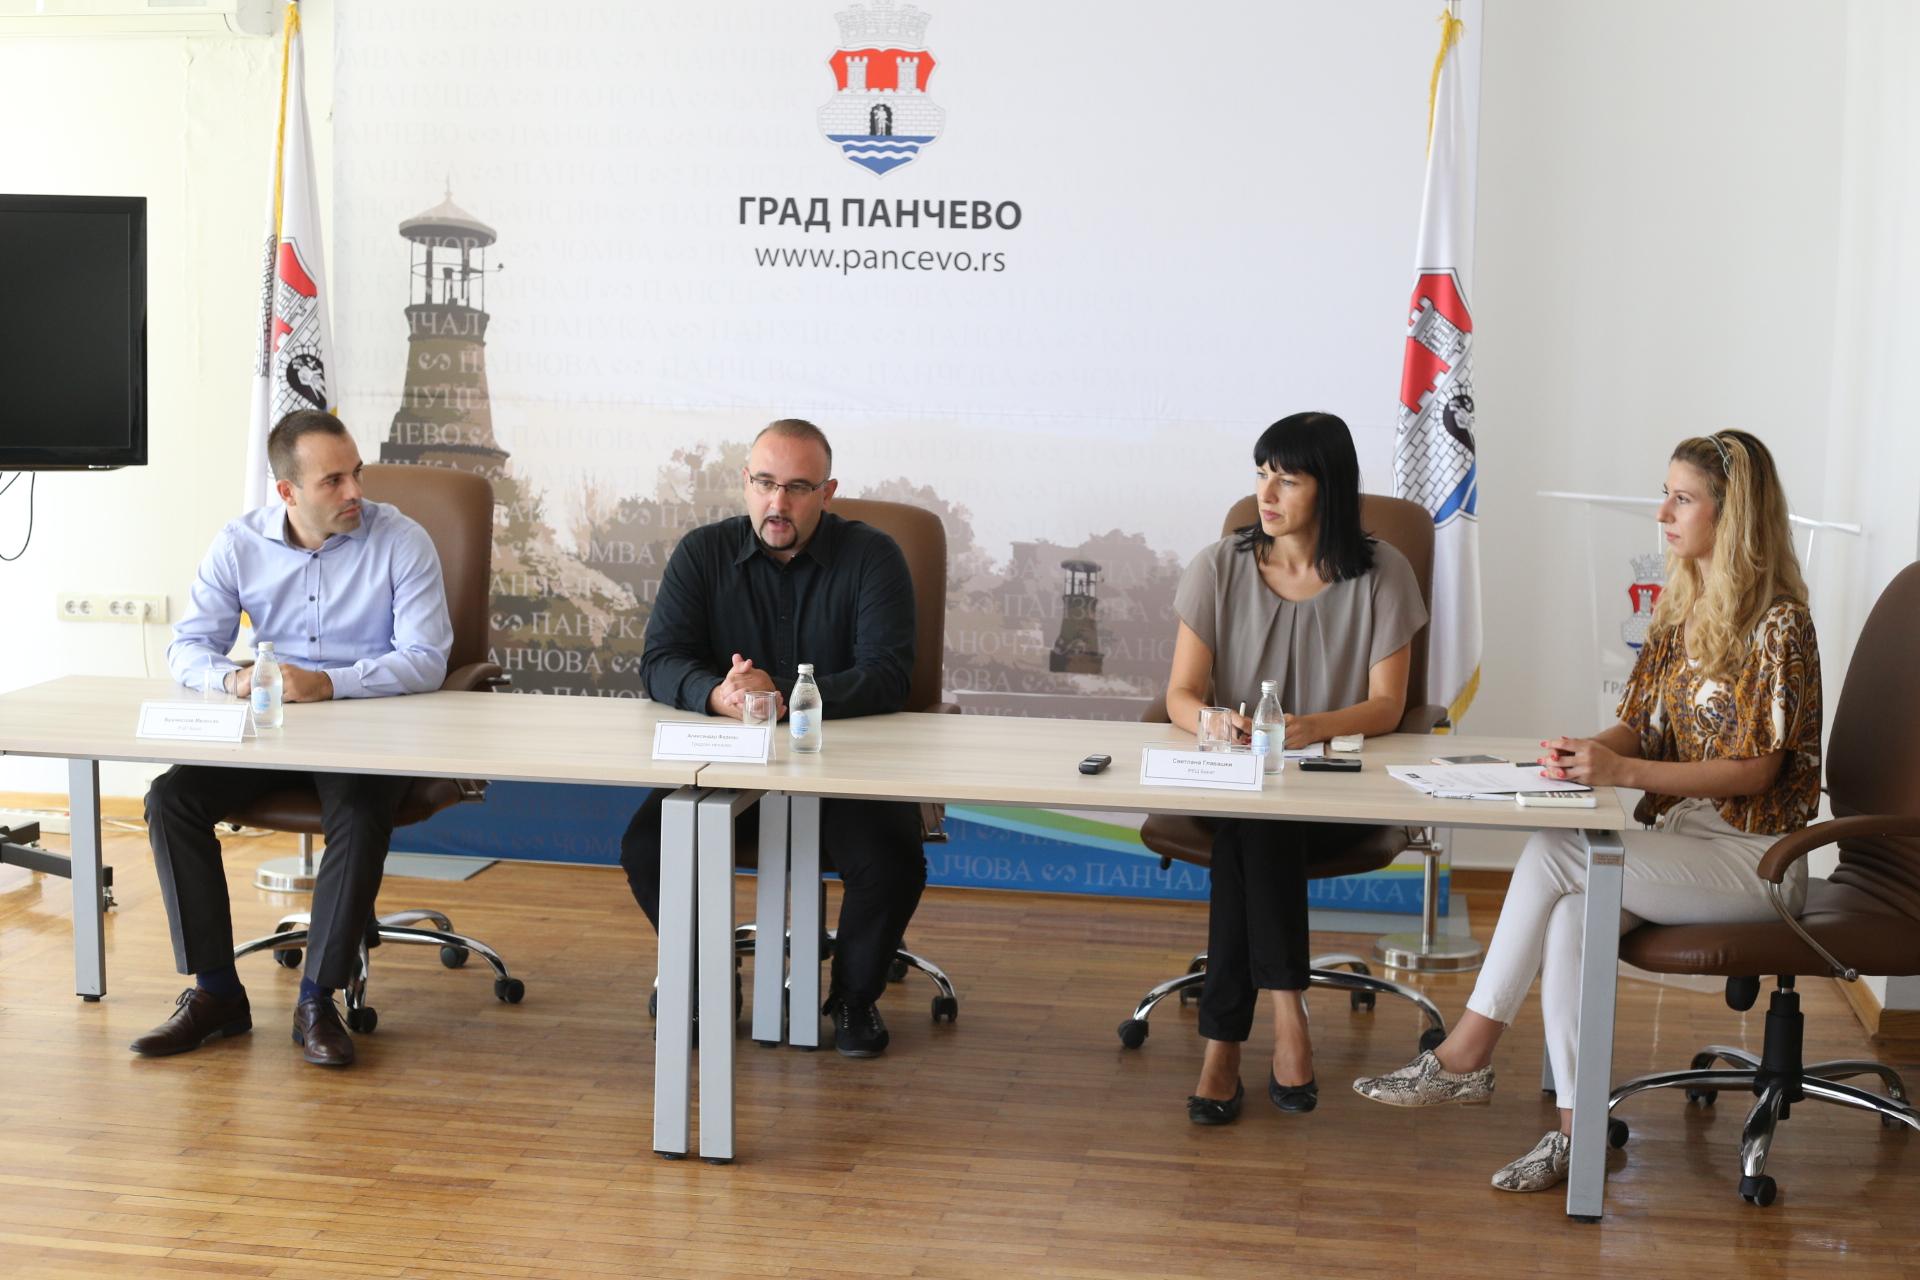 Branislav Milosav, Aleksandar Farkaš, Svetlana Glavaški